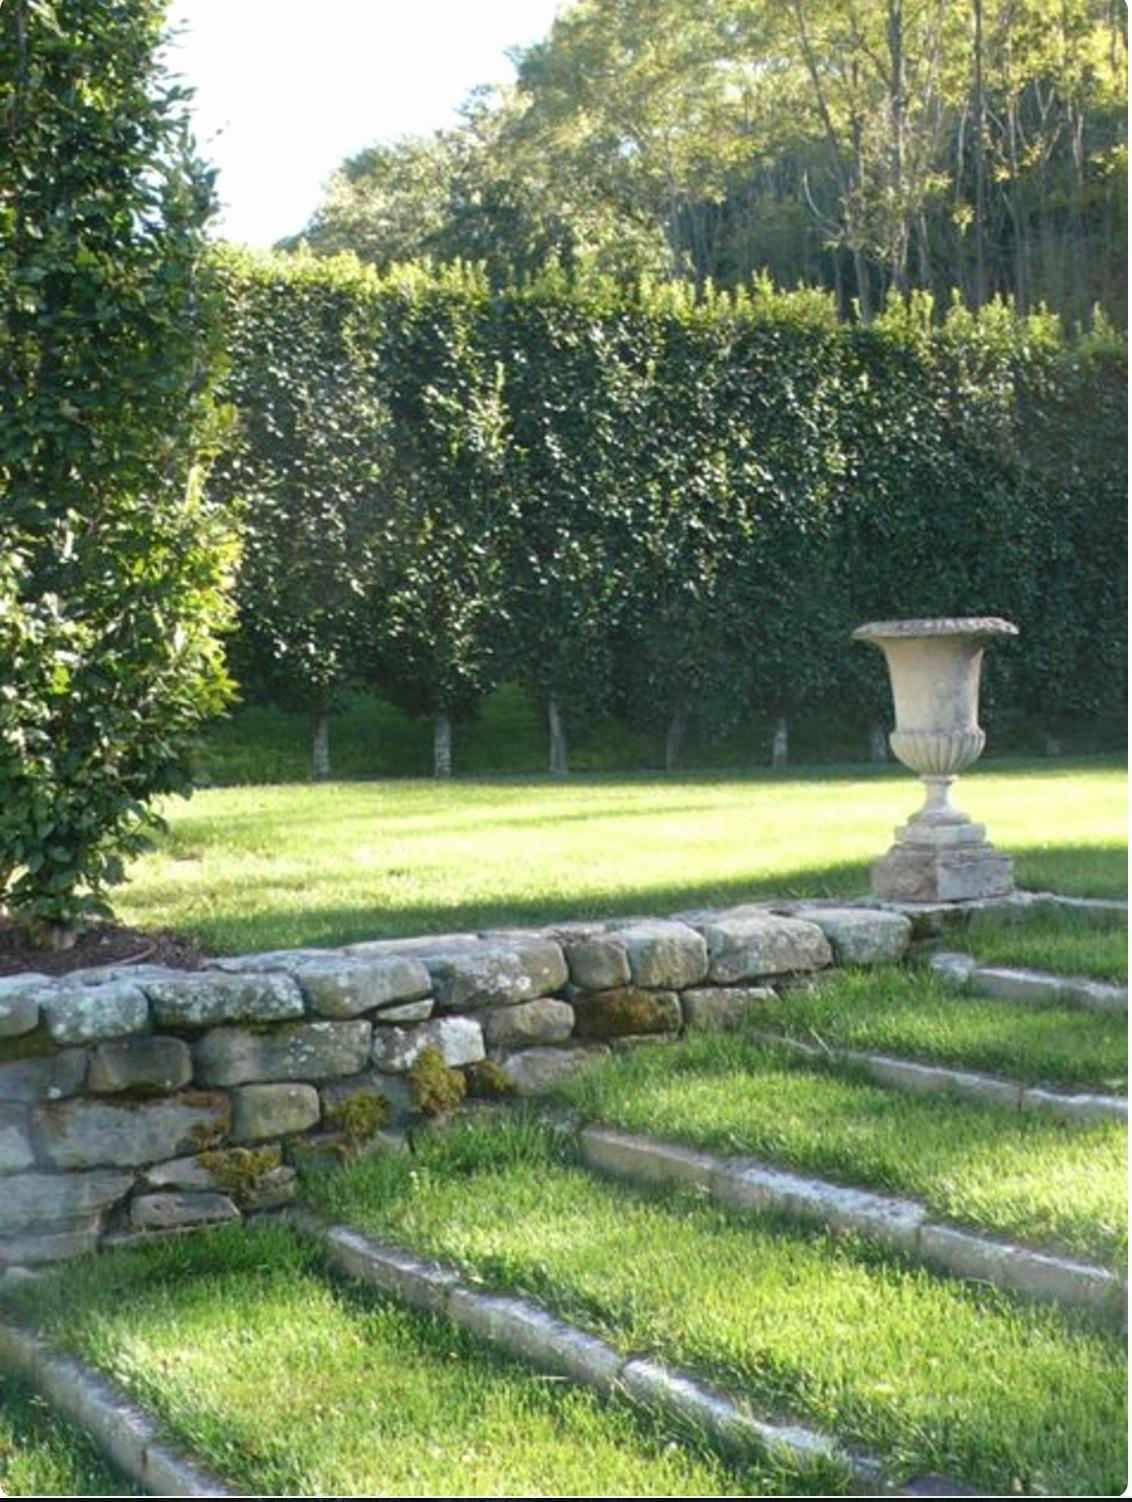 Logiciel Gratuit Paysagiste Meilleur De Photographie Plan Jardin Paysager Meilleur Logiciel Jardin Paysagiste Gratuit